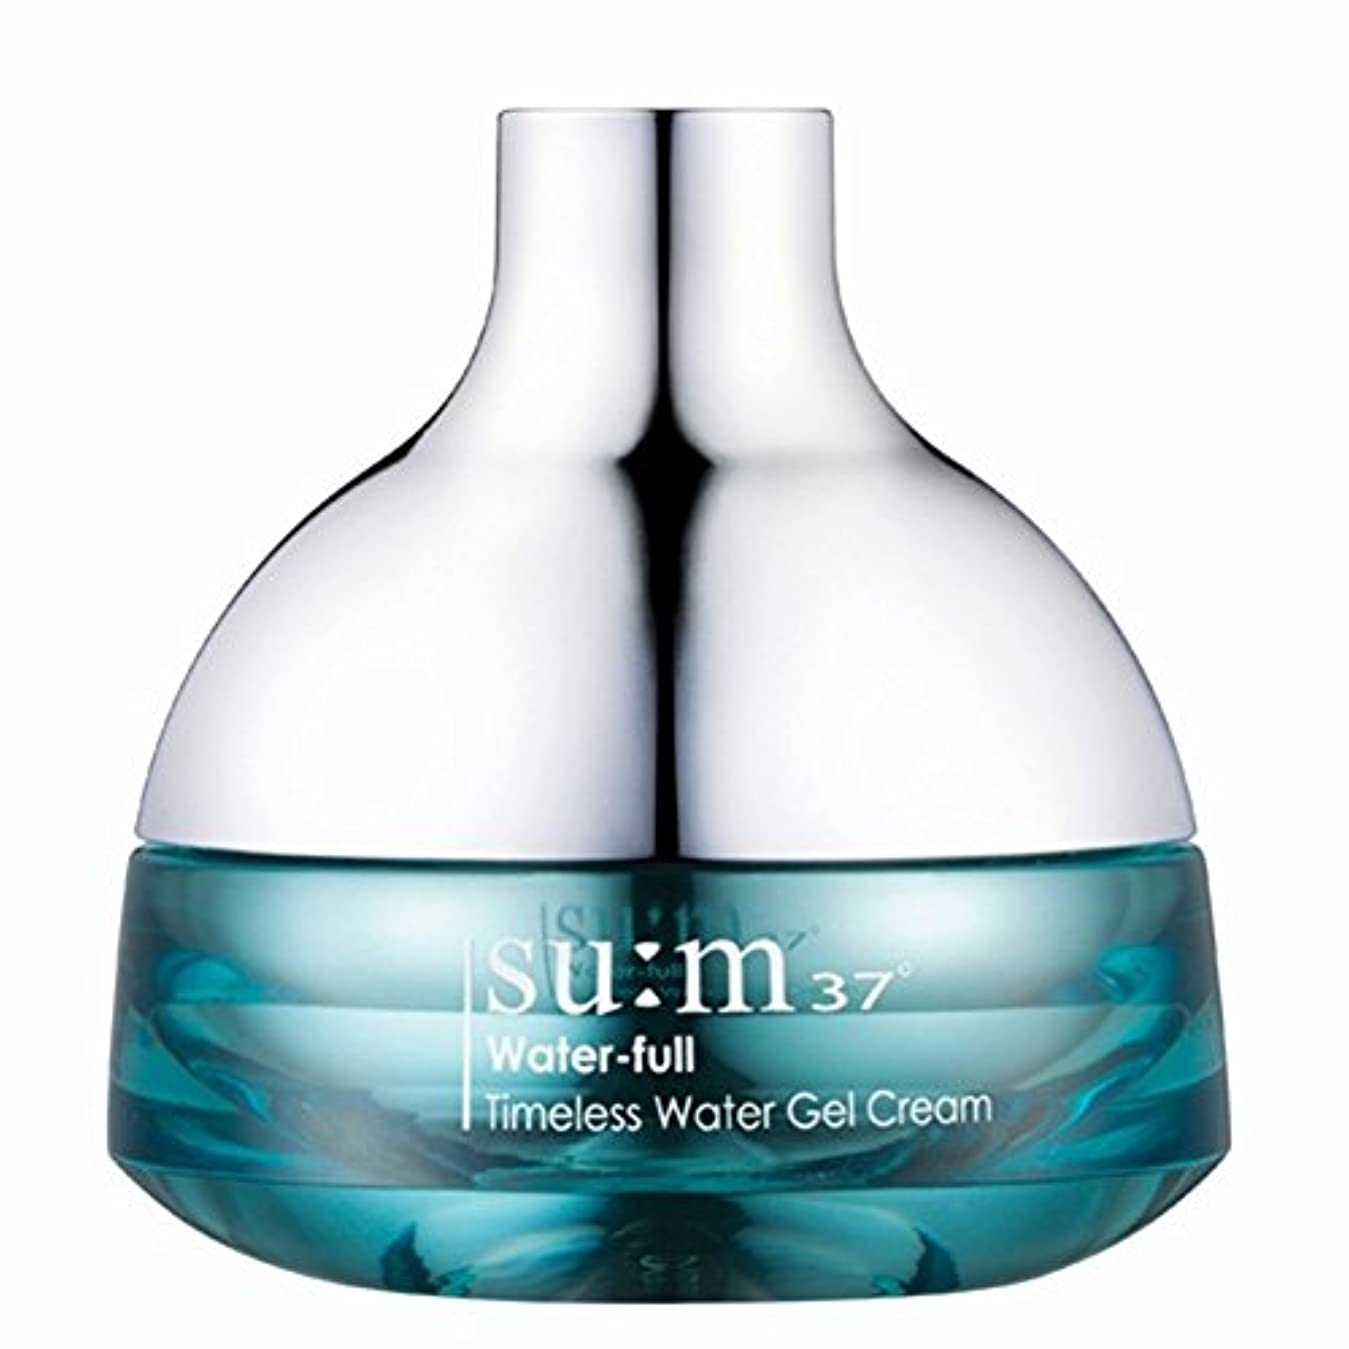 百科事典熱望する今後su:m37/スム37° スム37 ウォーターフルタイムレスウォータージェルクリーム50ml (sum 37ºWater-full Timeless Water Gel Cream 50ml + Special Gift...